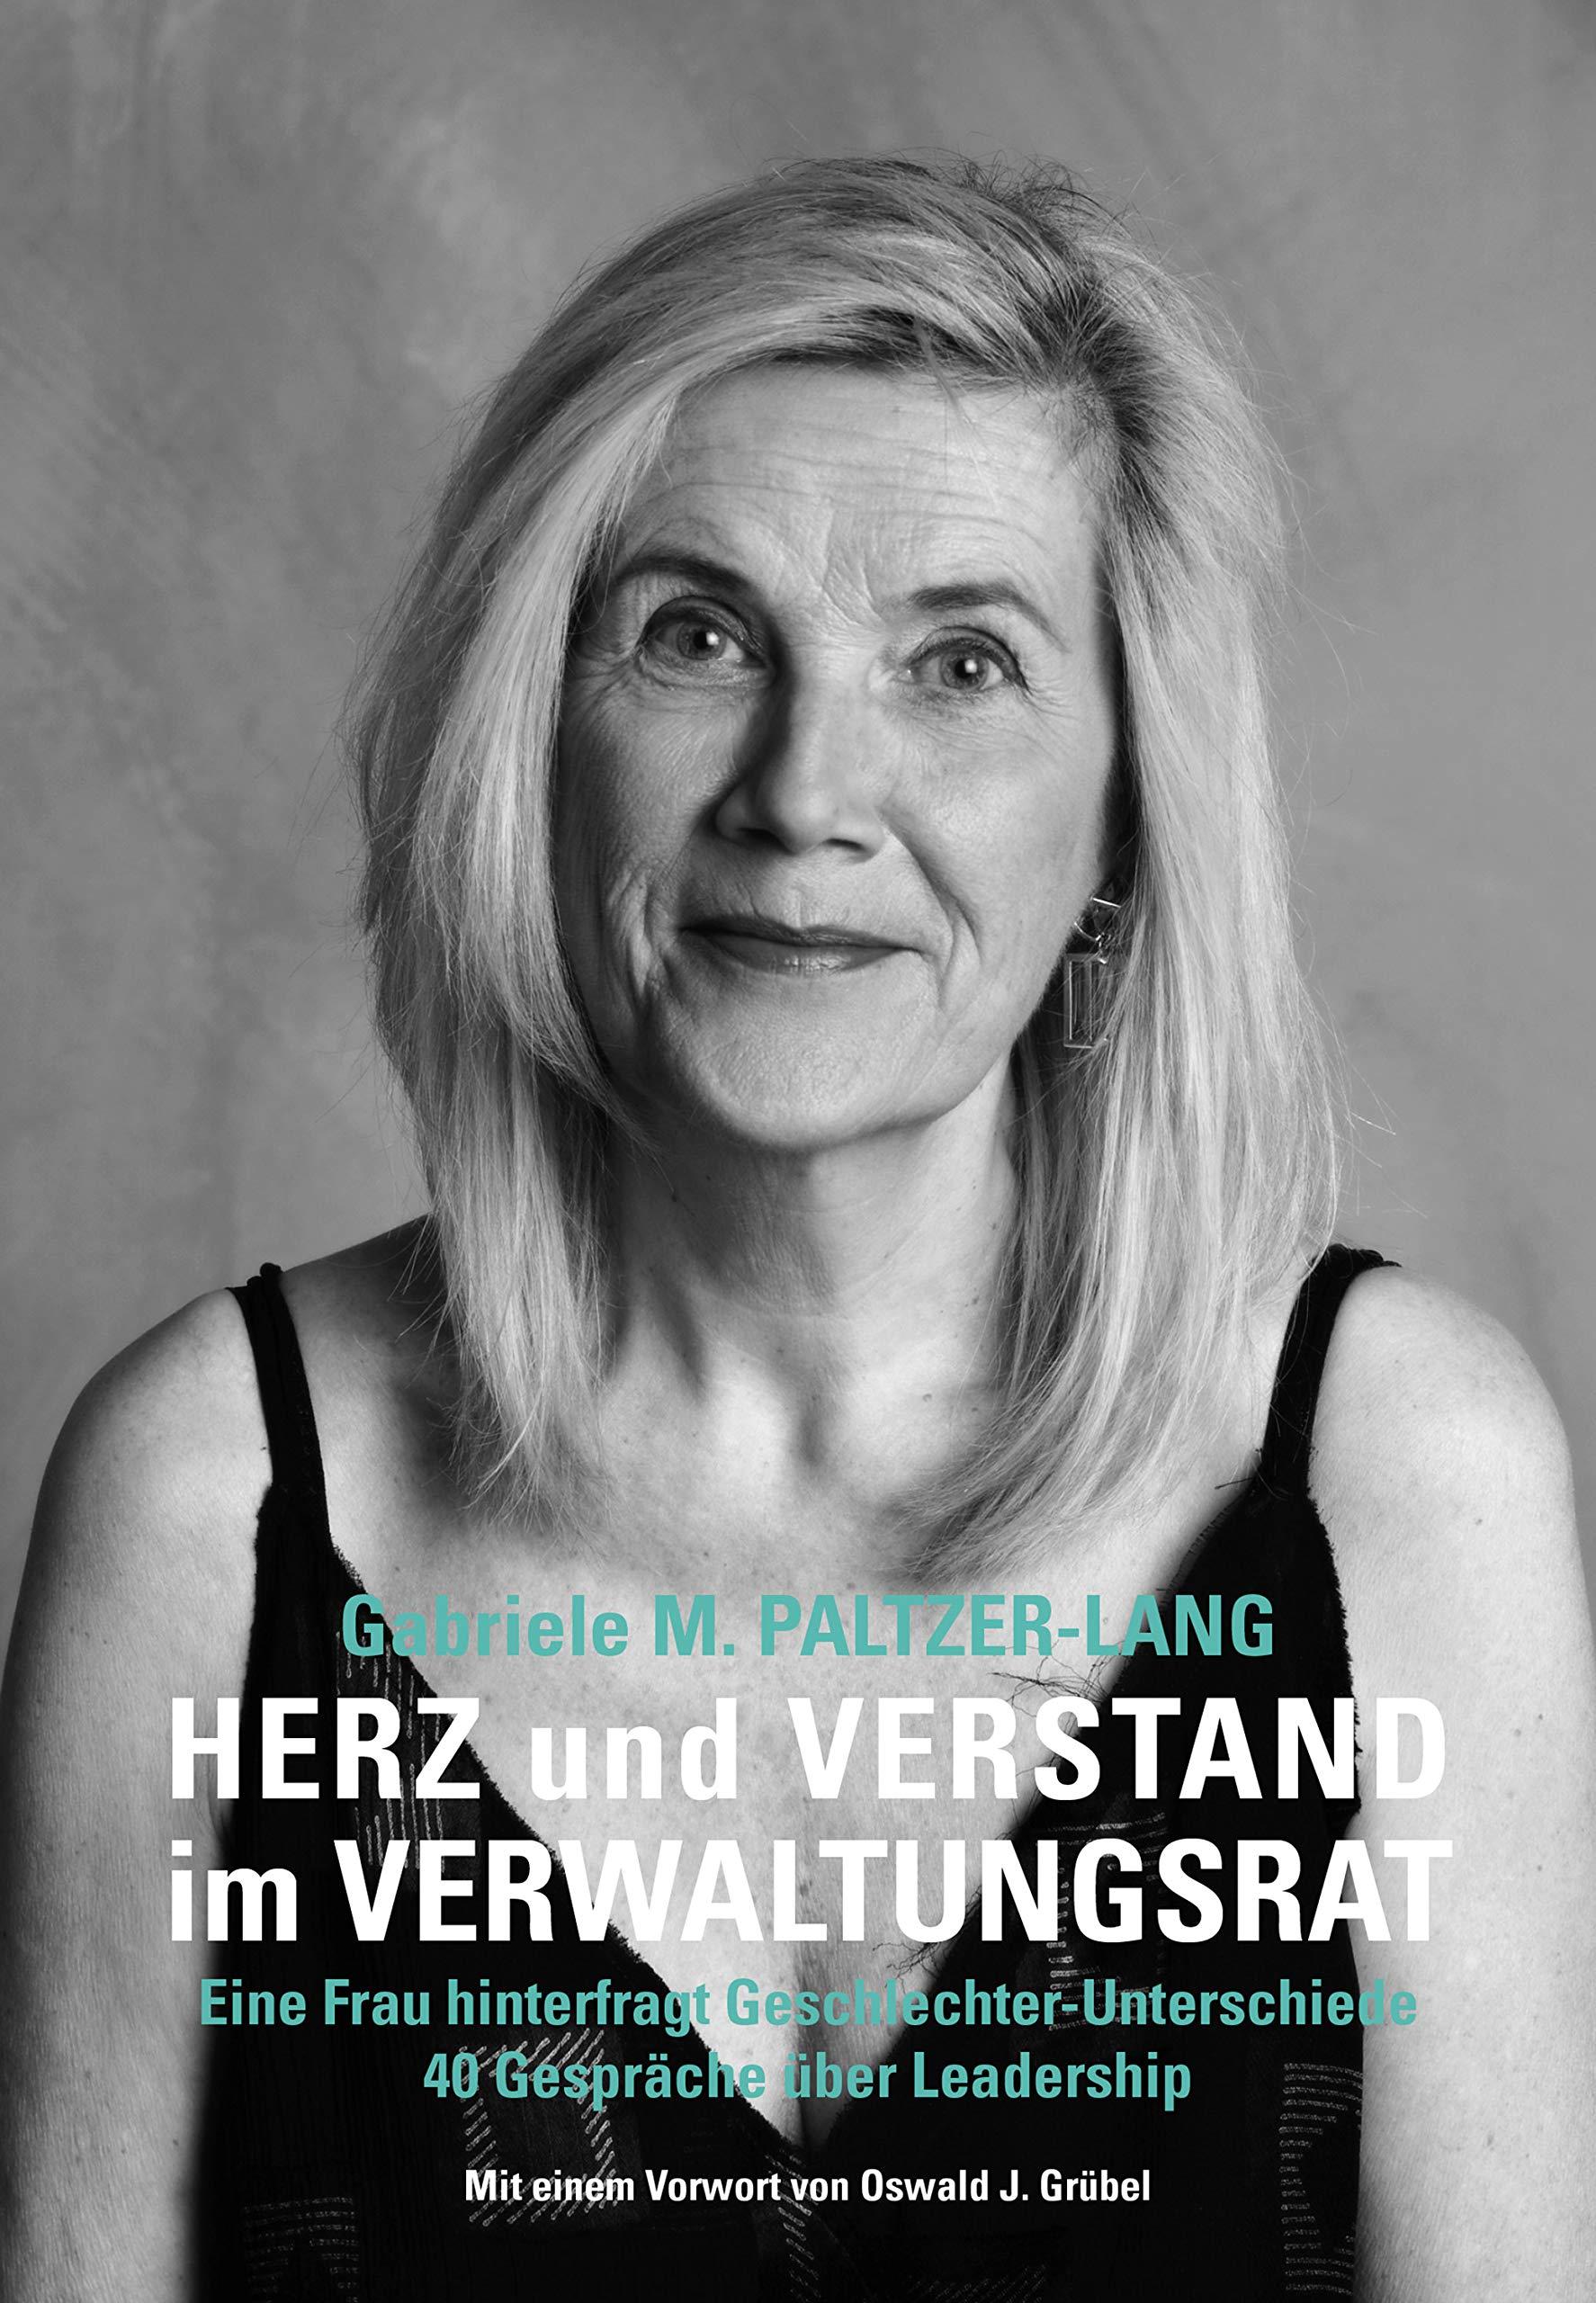 Herz und Verstand im Verwaltungsrat: Eine Frau hinterfragt Geschlechter-Unterschiede (German Edition)